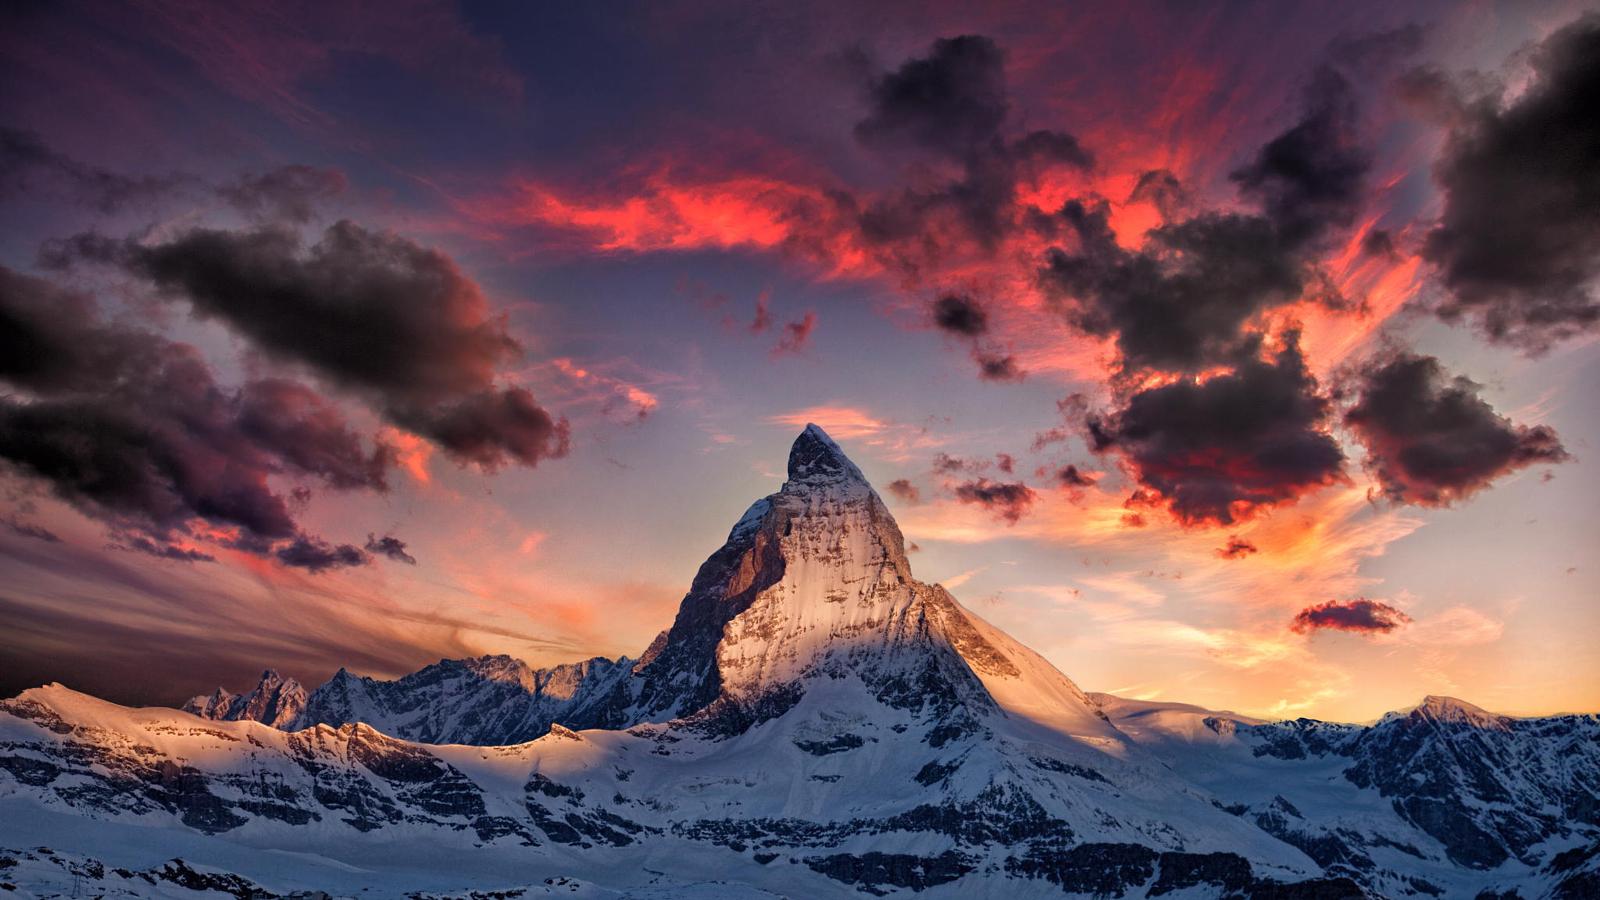 Самое интересное : Подборка фоток позитивных собачек